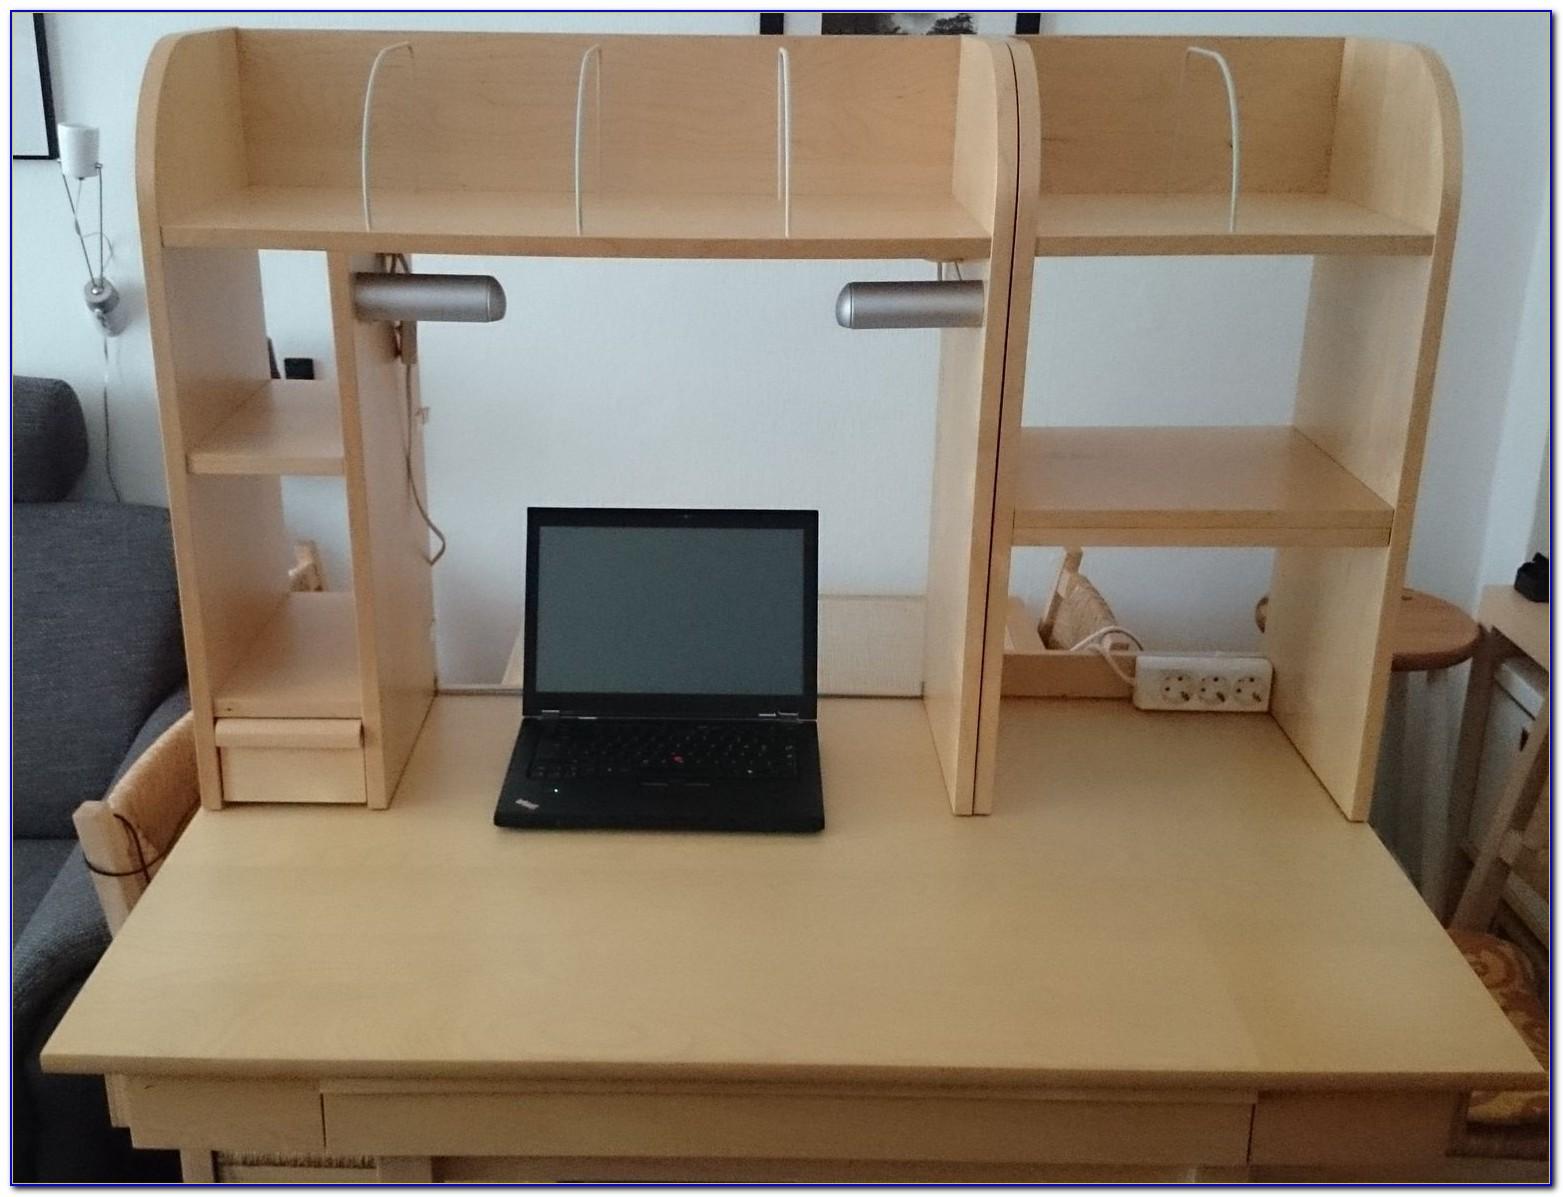 Liatorp Schreibtisch Auseinanderbauen